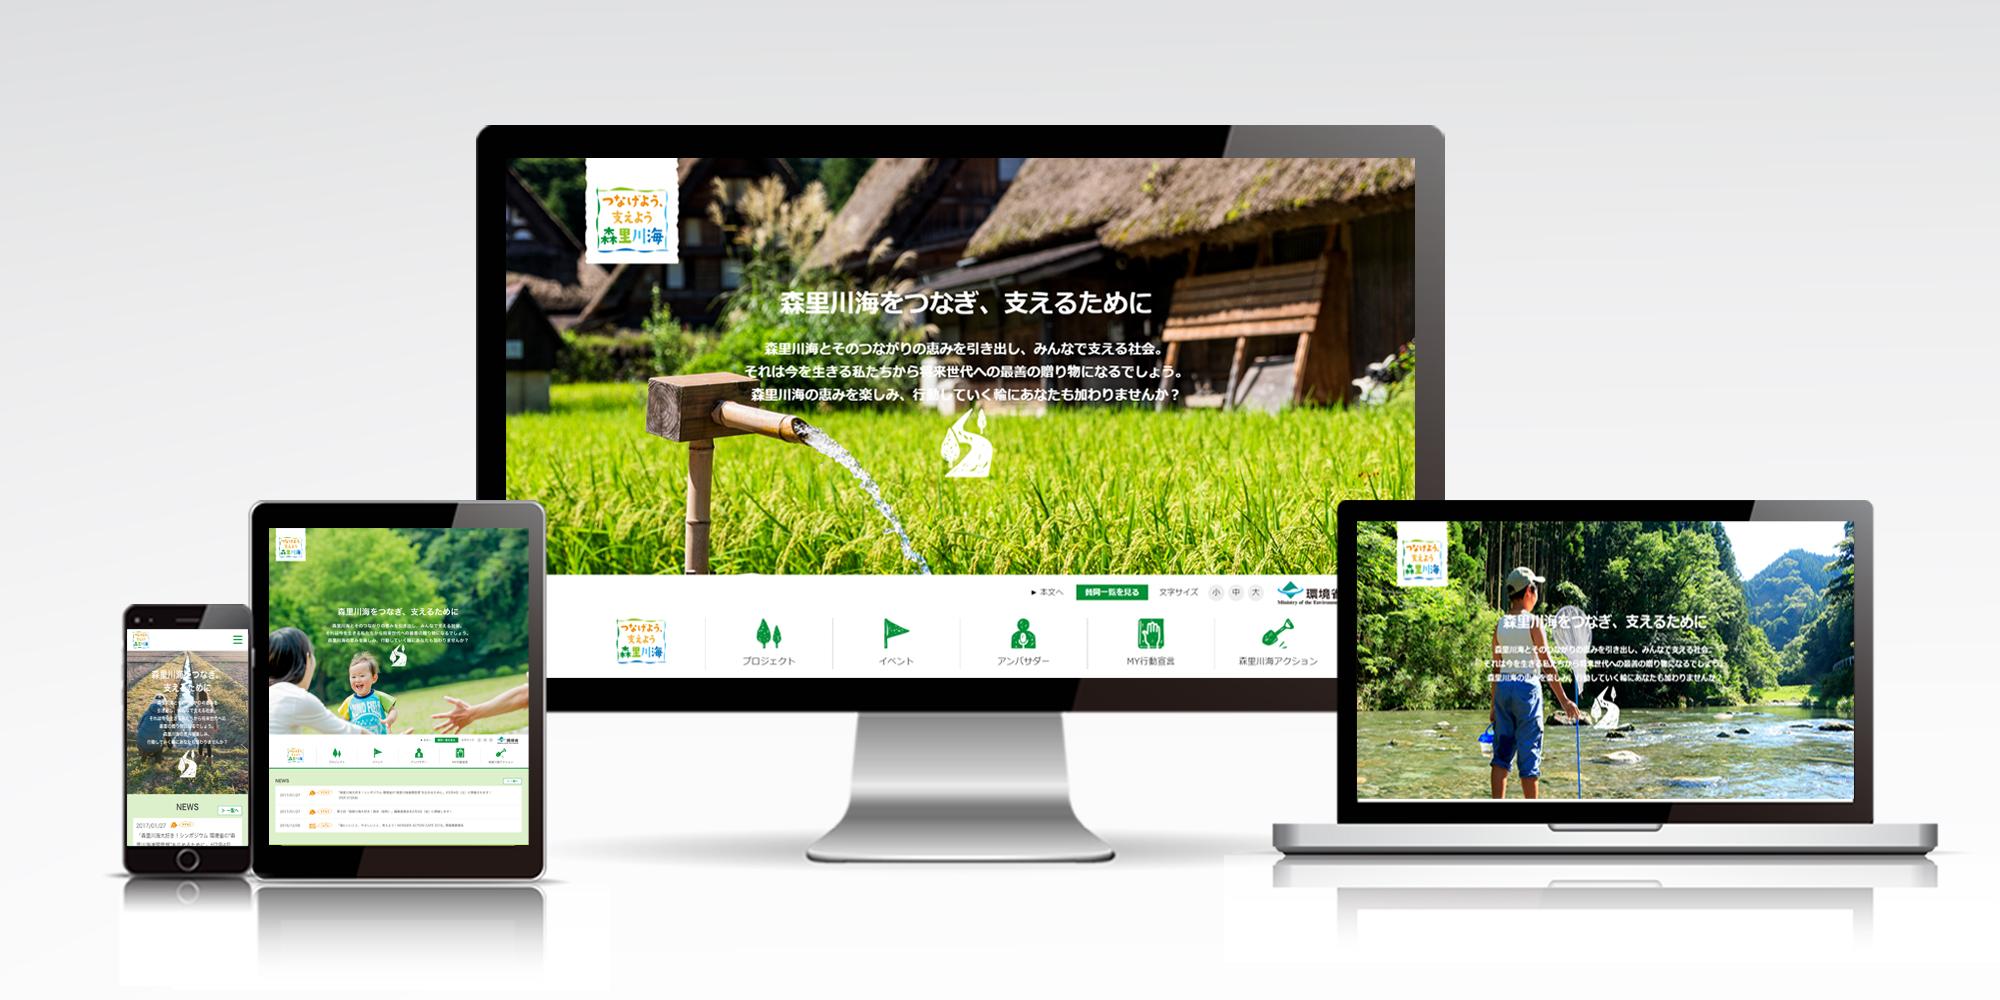 環境省「つなげよう、支えよう森里川海」プロジェクトサイトリニューアル